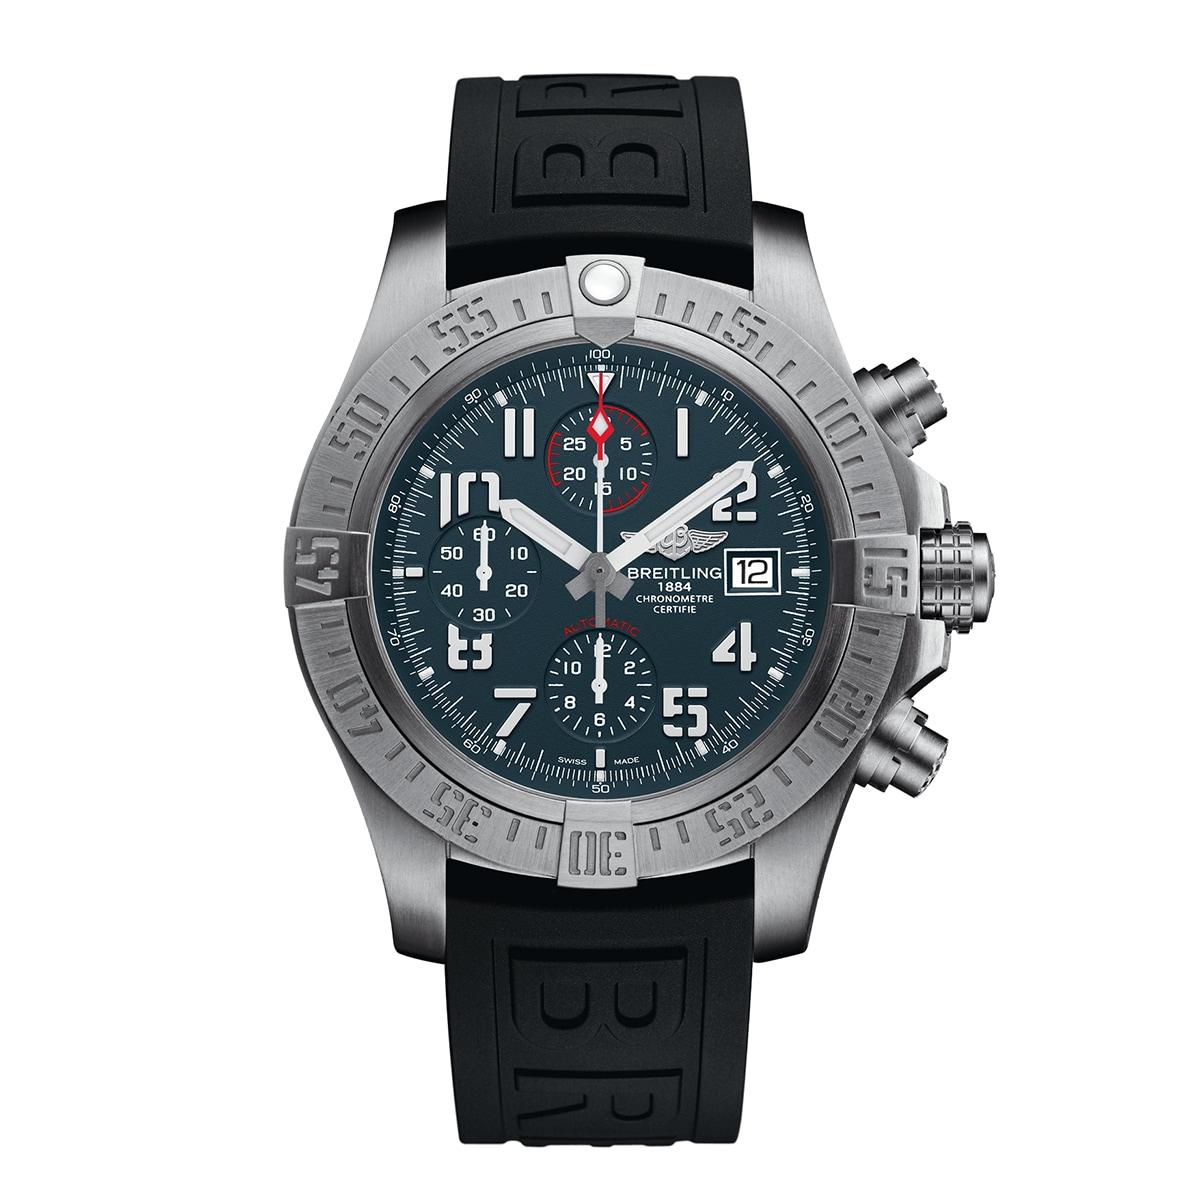 Breitling_Avenger-Bandit-E1338310-M536-152S-A20SS.1_hos_Jarl_Sandin